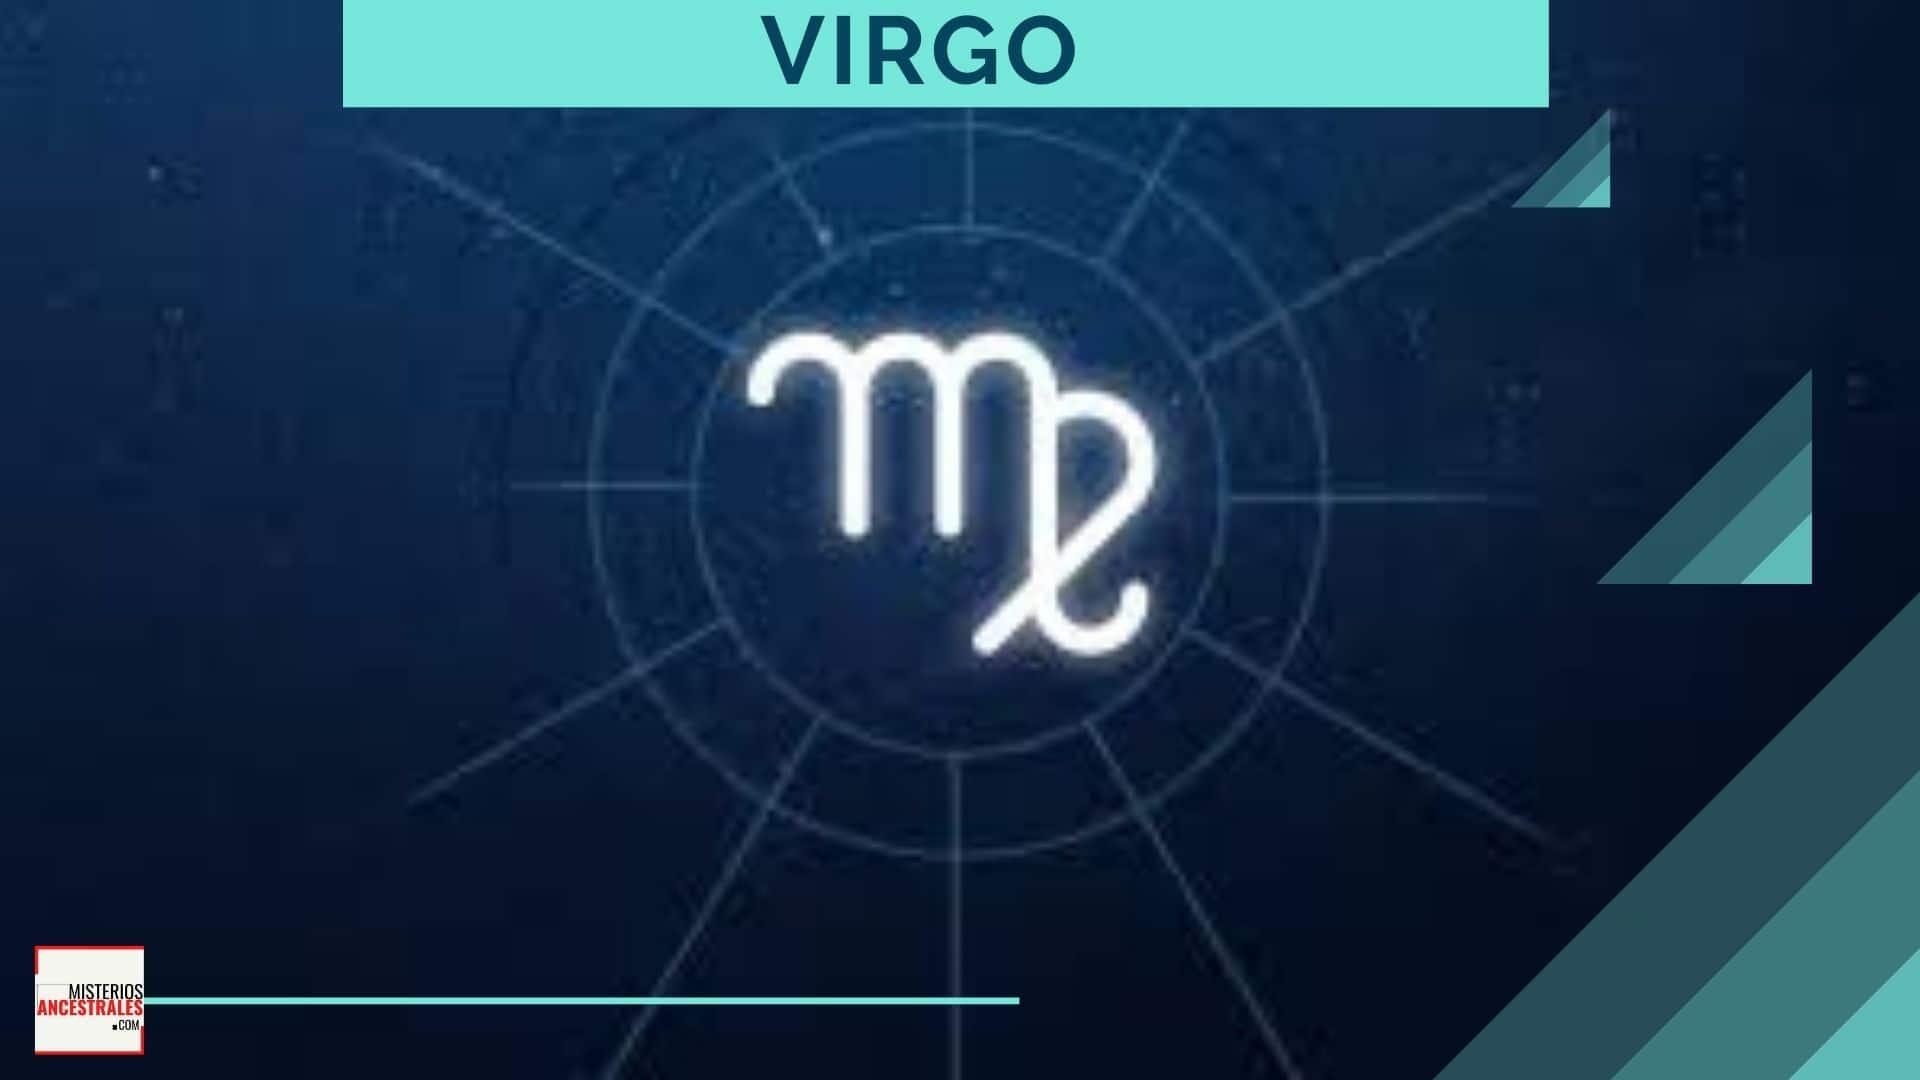 Signo Virgo